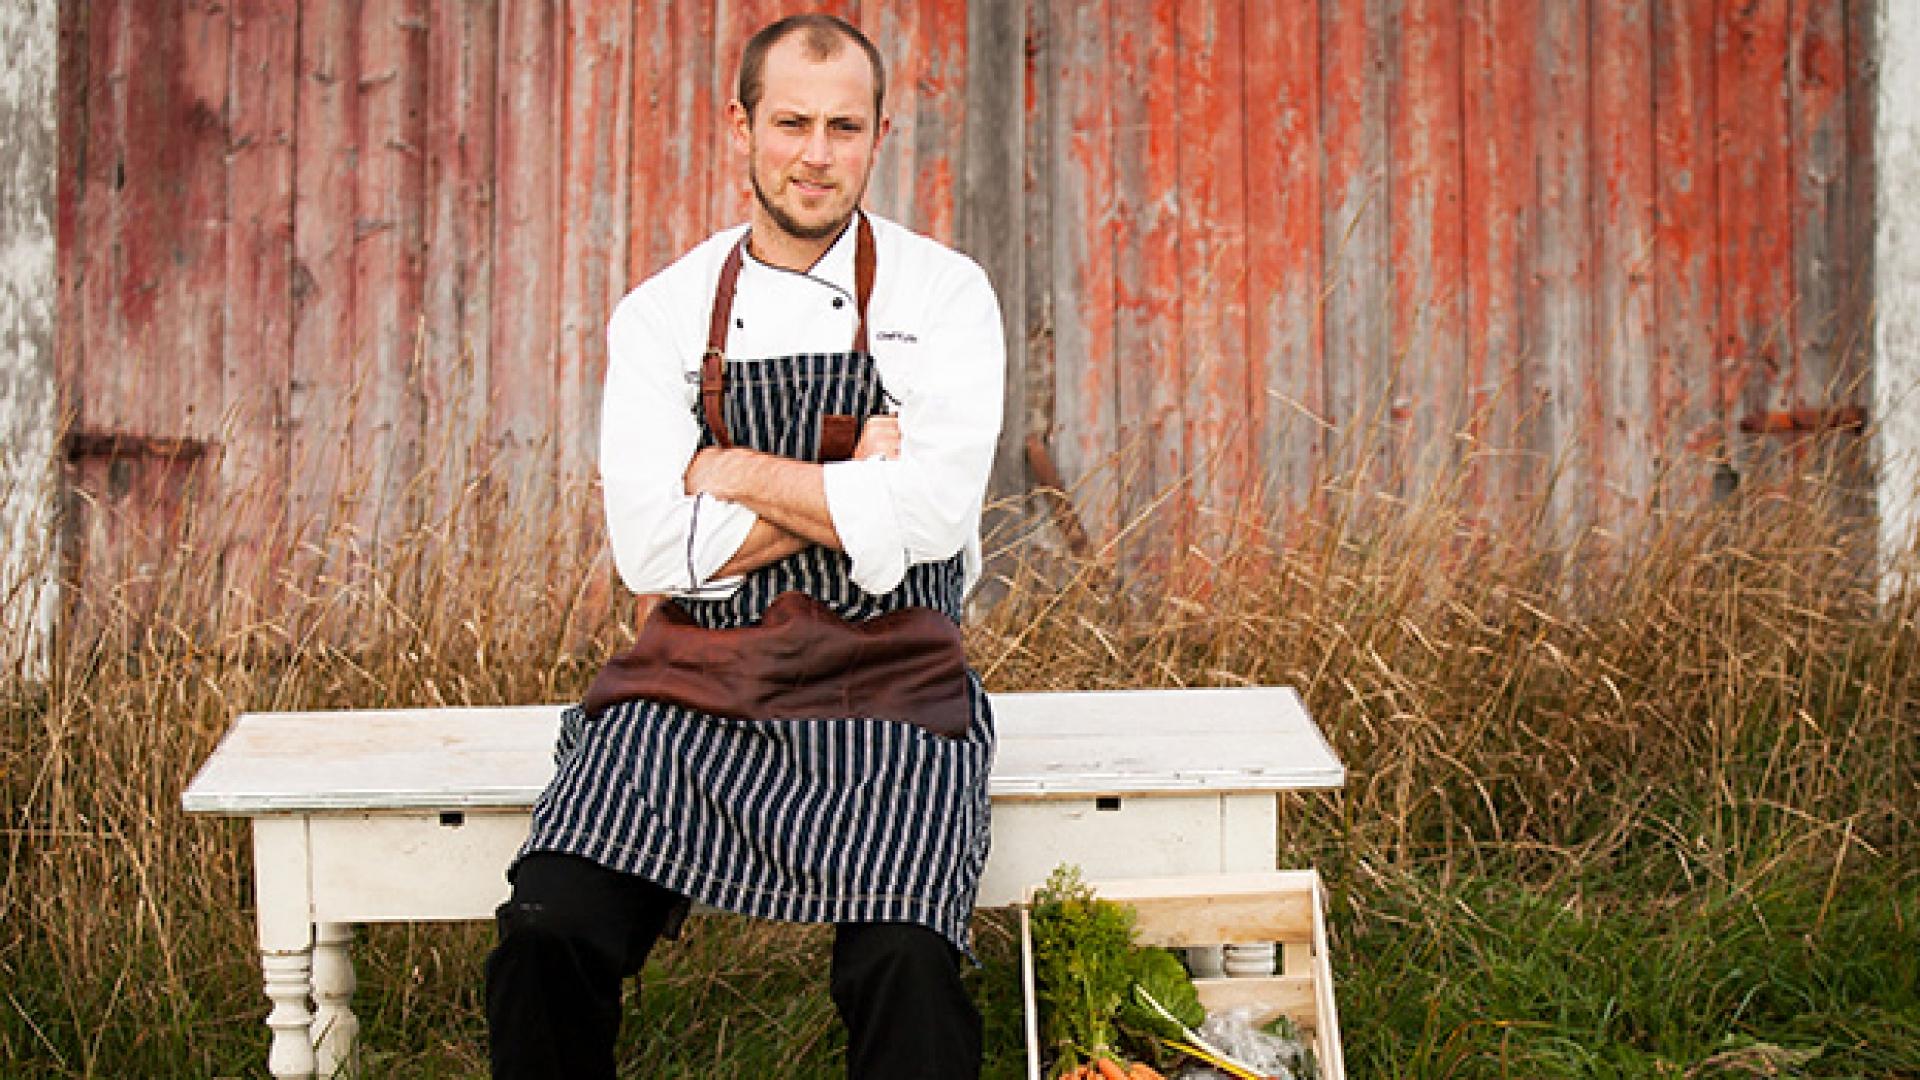 Chef Kyle Panton